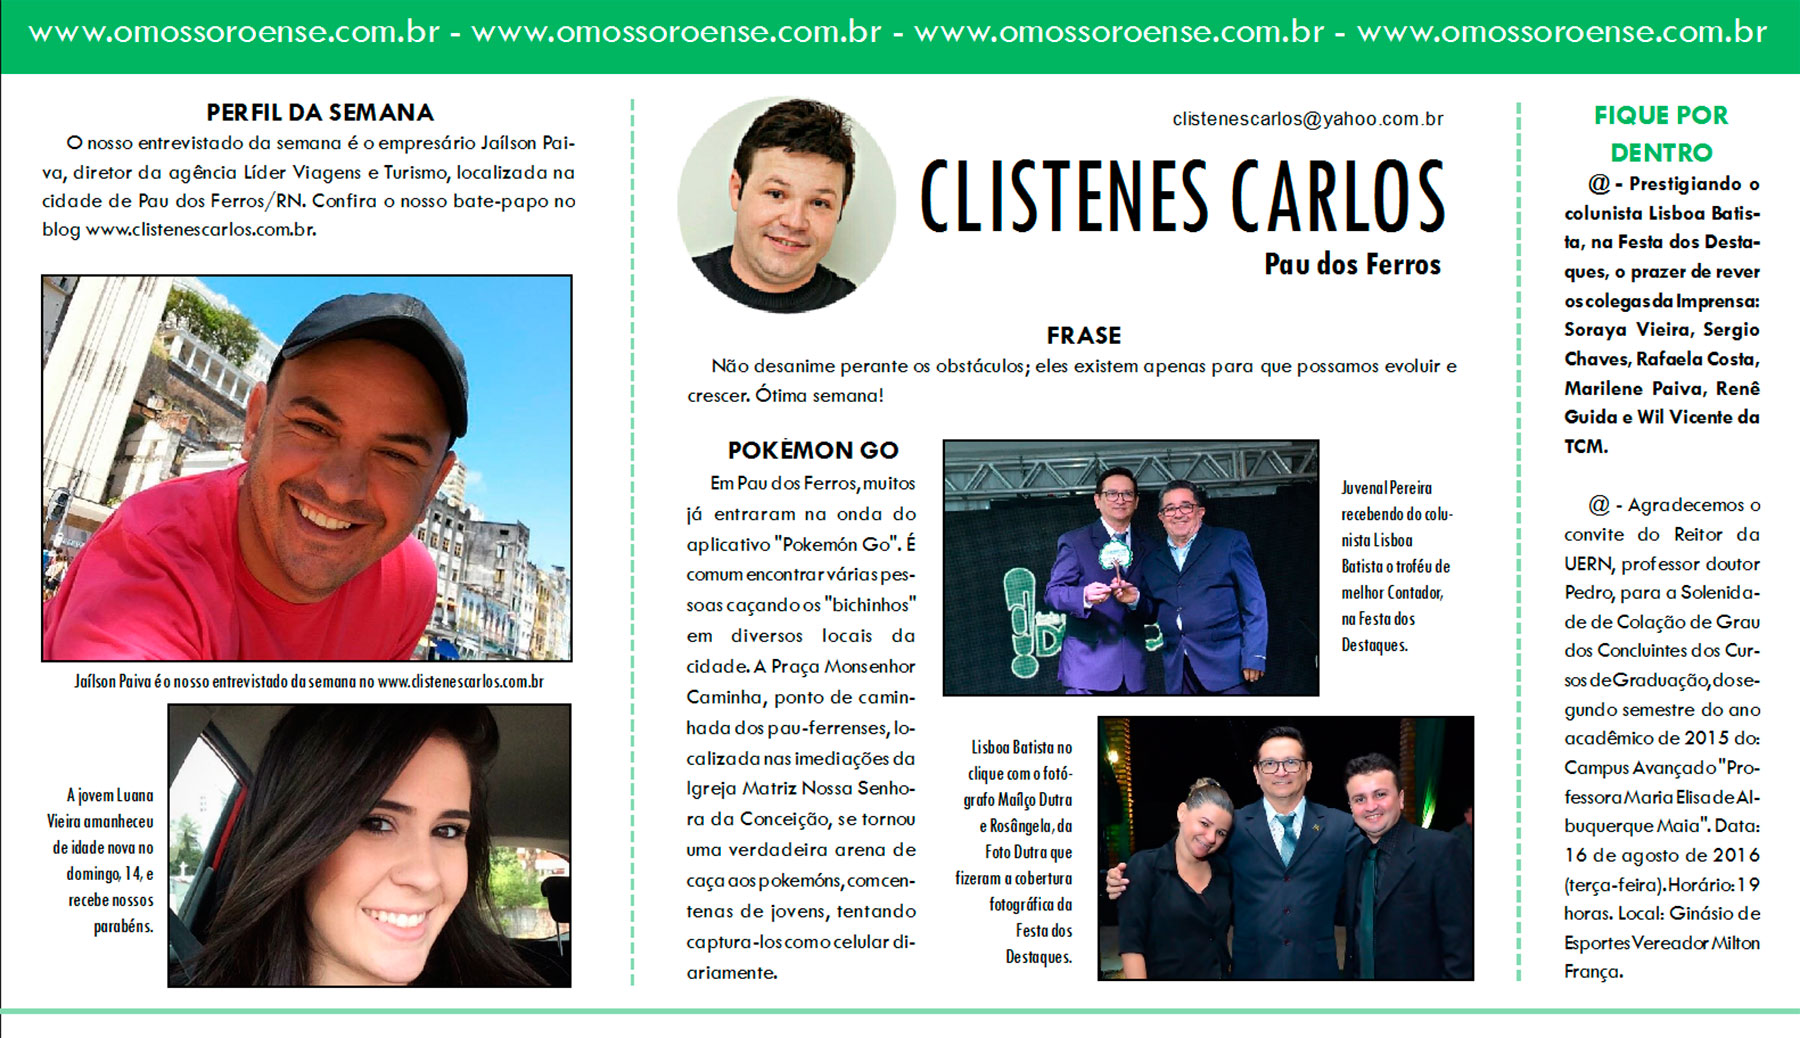 CLISTENES-CARLOS-15-08-2016